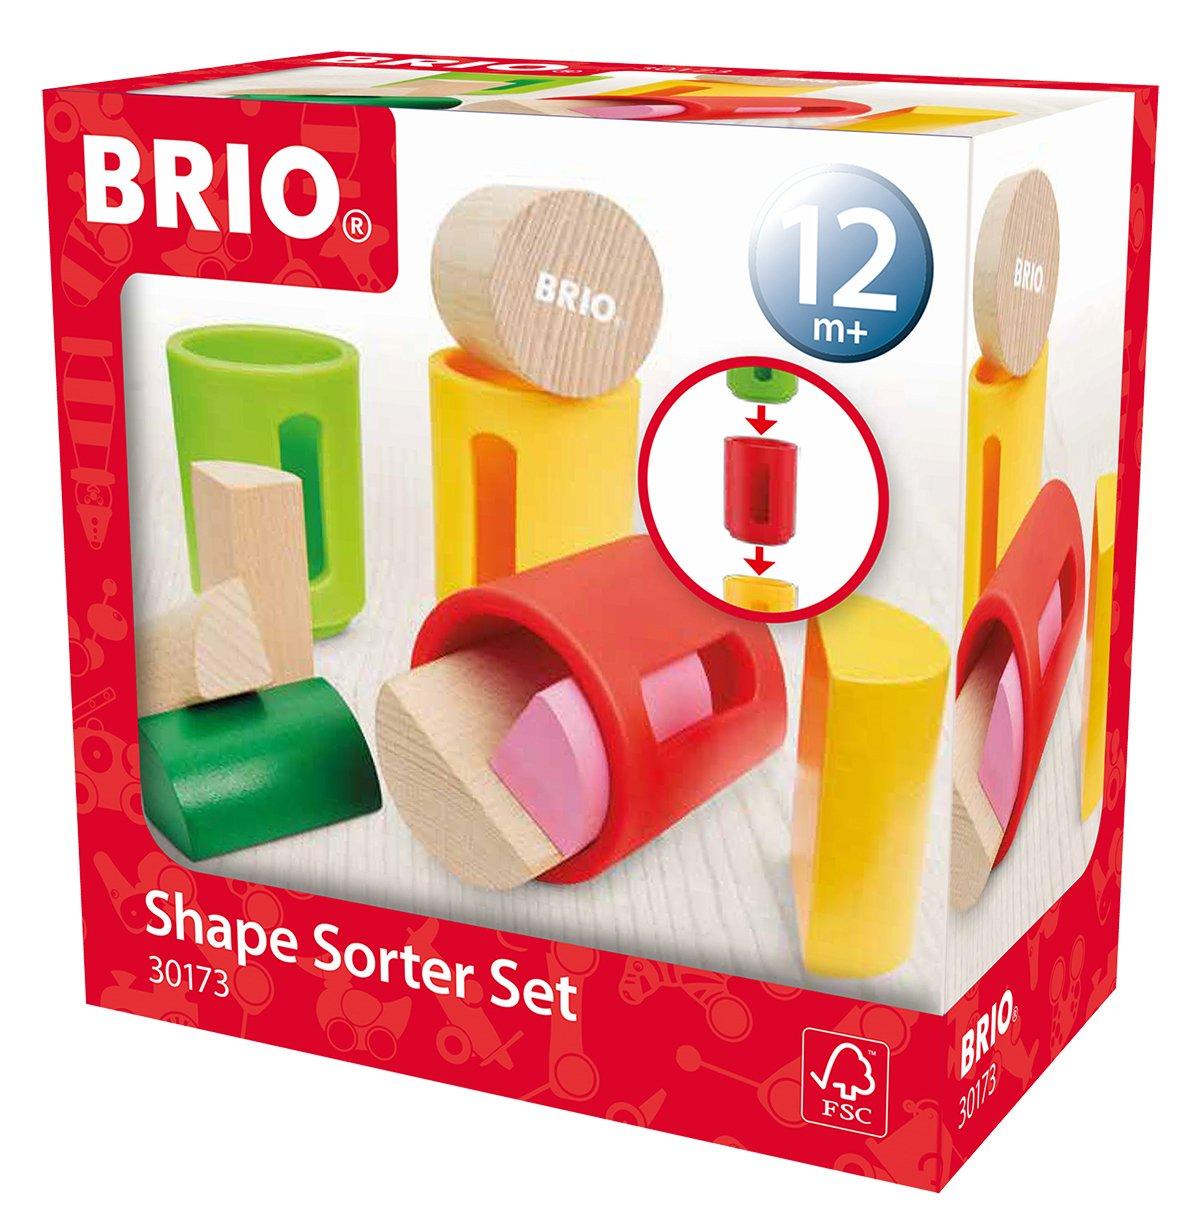 Brio Infant & Toddler - Shape Sorter Set